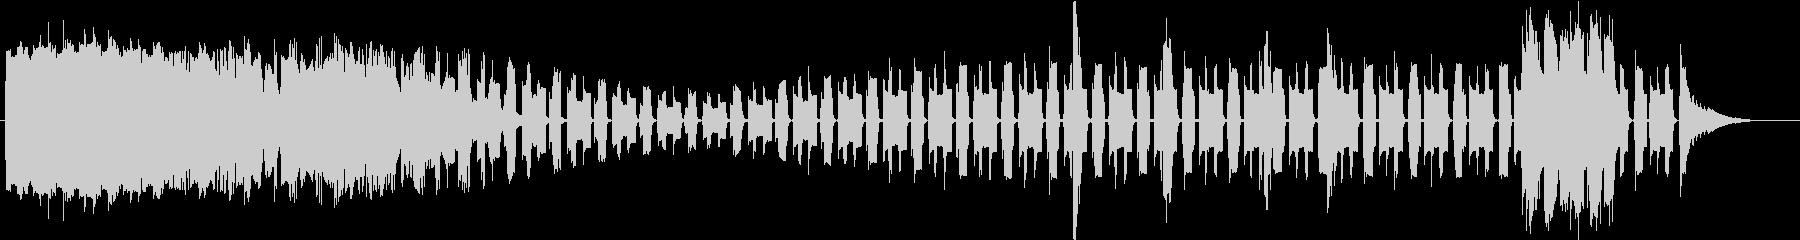 トーンシンセウォブルプロセスサステインの未再生の波形